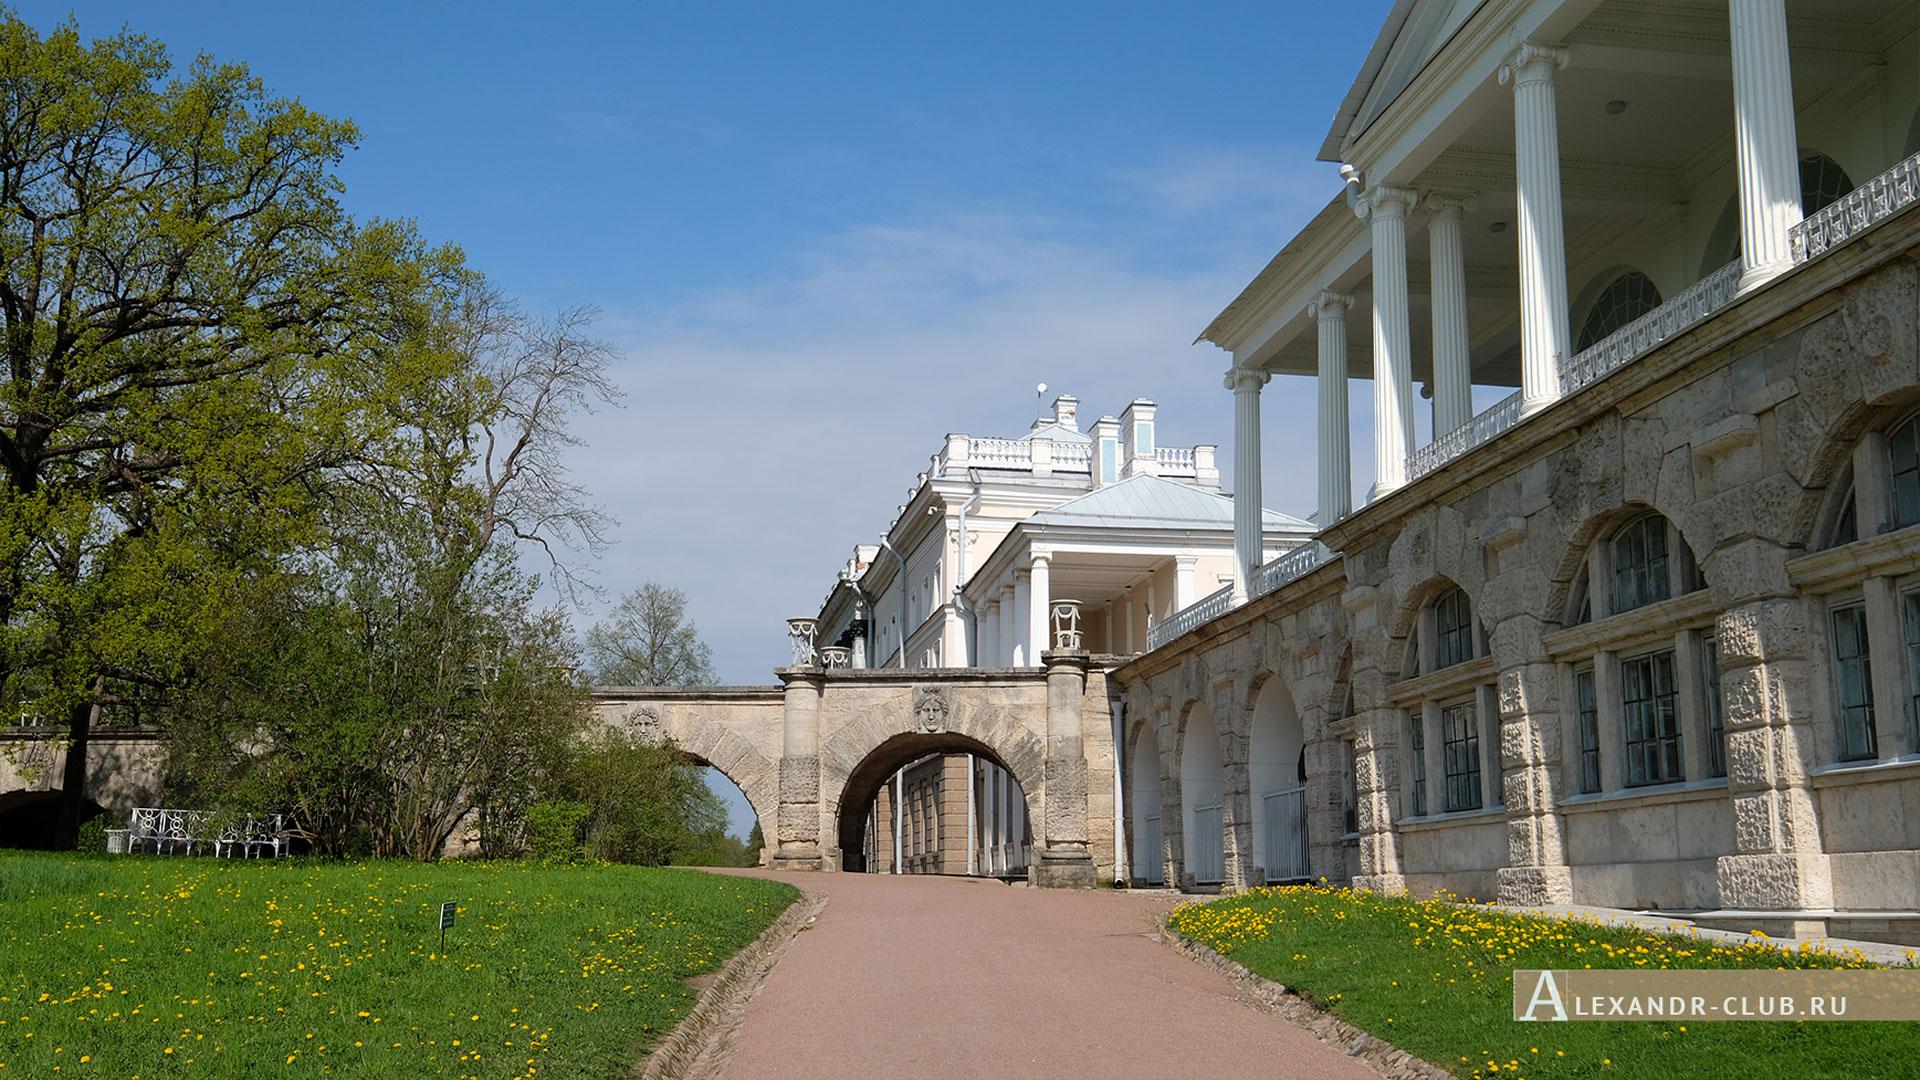 Царское Село, весна, Екатерининский парк, Камеронова галерея